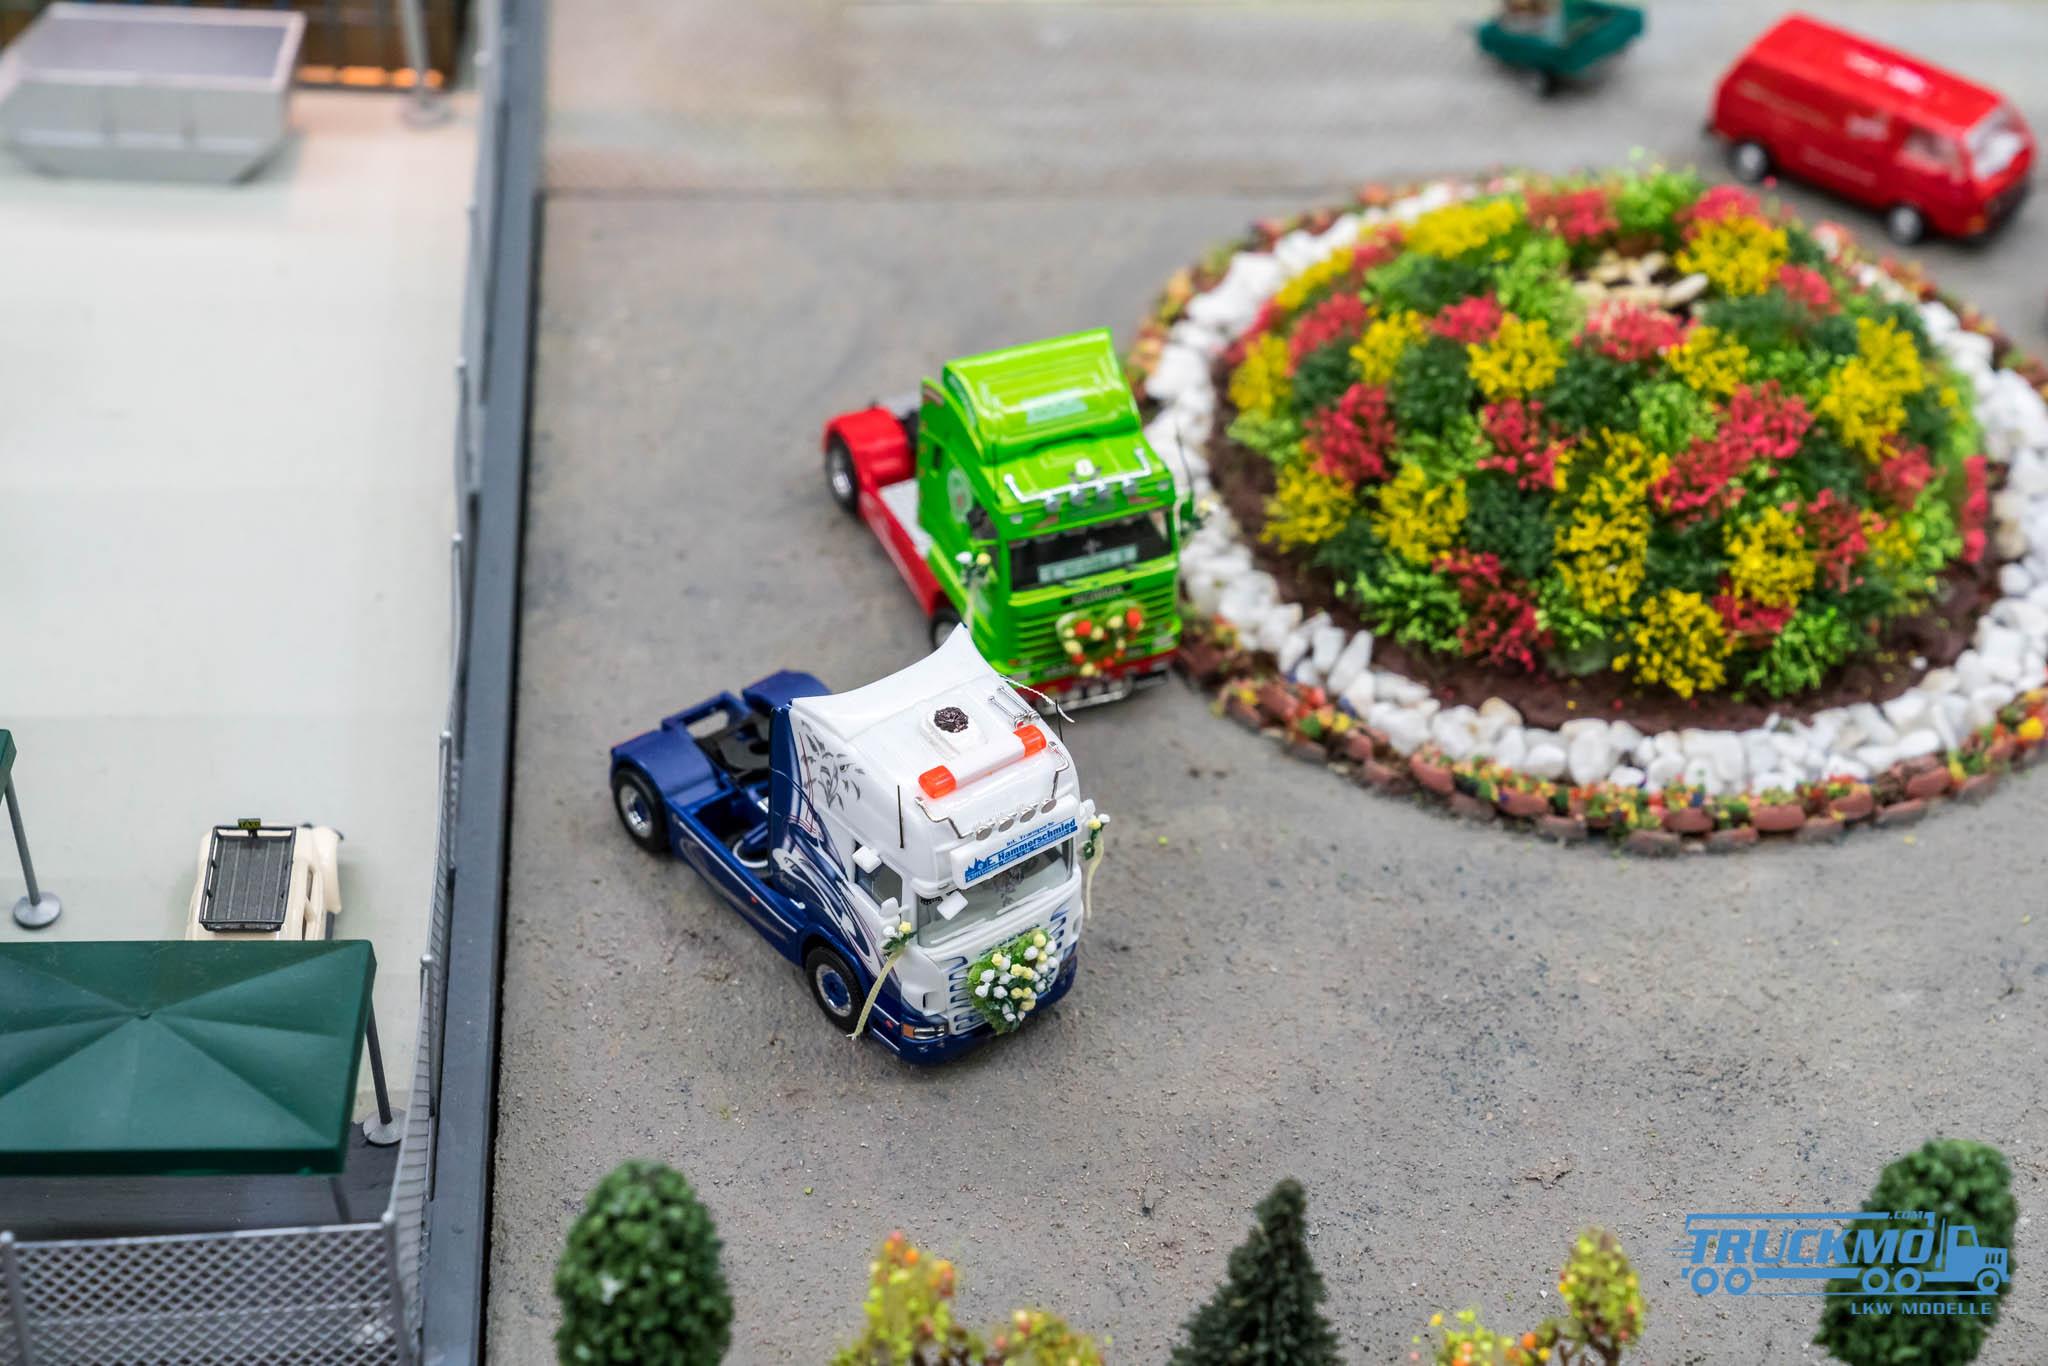 Truckmo_Modellbau_Ried_2017_Herpa_Messe_Modellbauausstellung (273 von 1177)